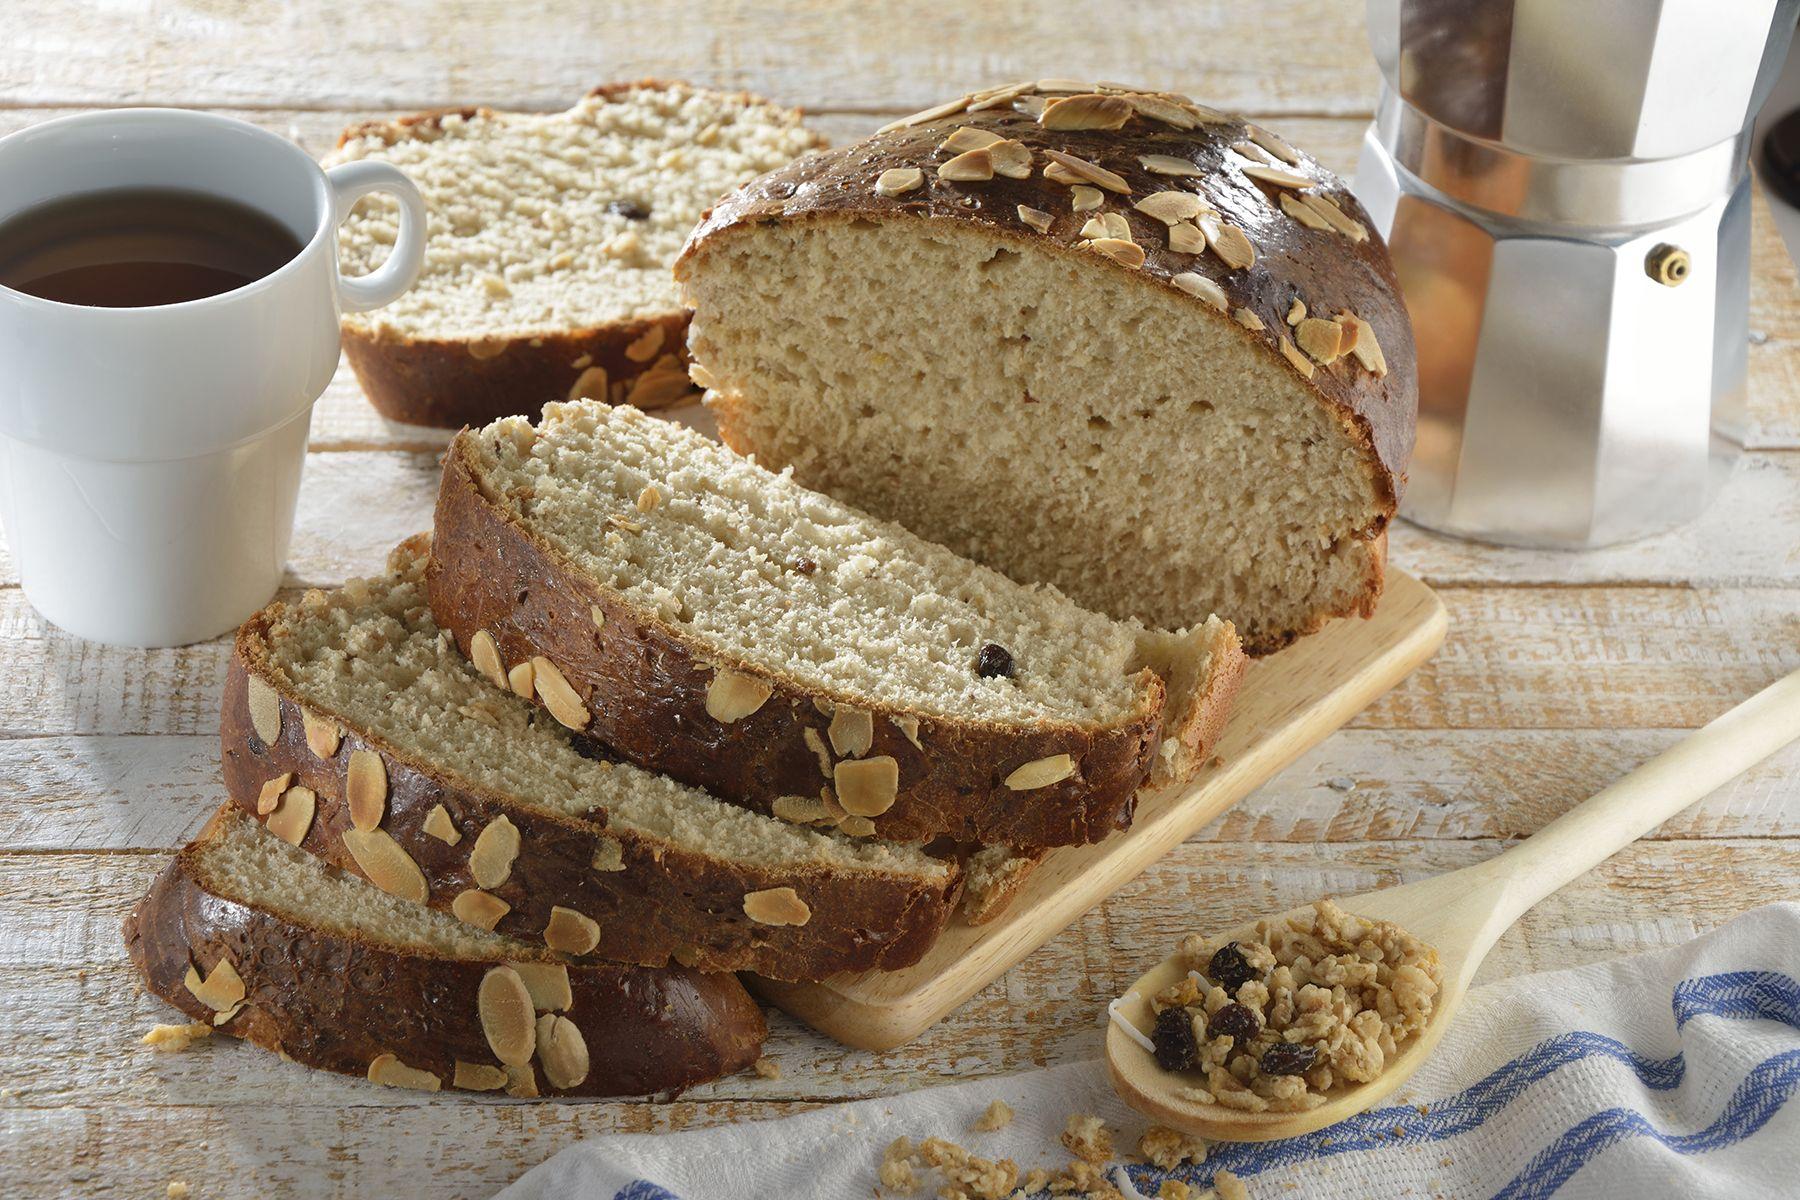 Éste pan de miel con granola es perfecto para comenzar tus mañanas. Está hecho con Granola Kellogg's® Coco, pasas y miel que le da un delicioso sabor. Tiene un dulce sabor a miel y una textura suave y esponjosa. Que mejor forma de comenzar las mañanas que con un pan hecho en casa.